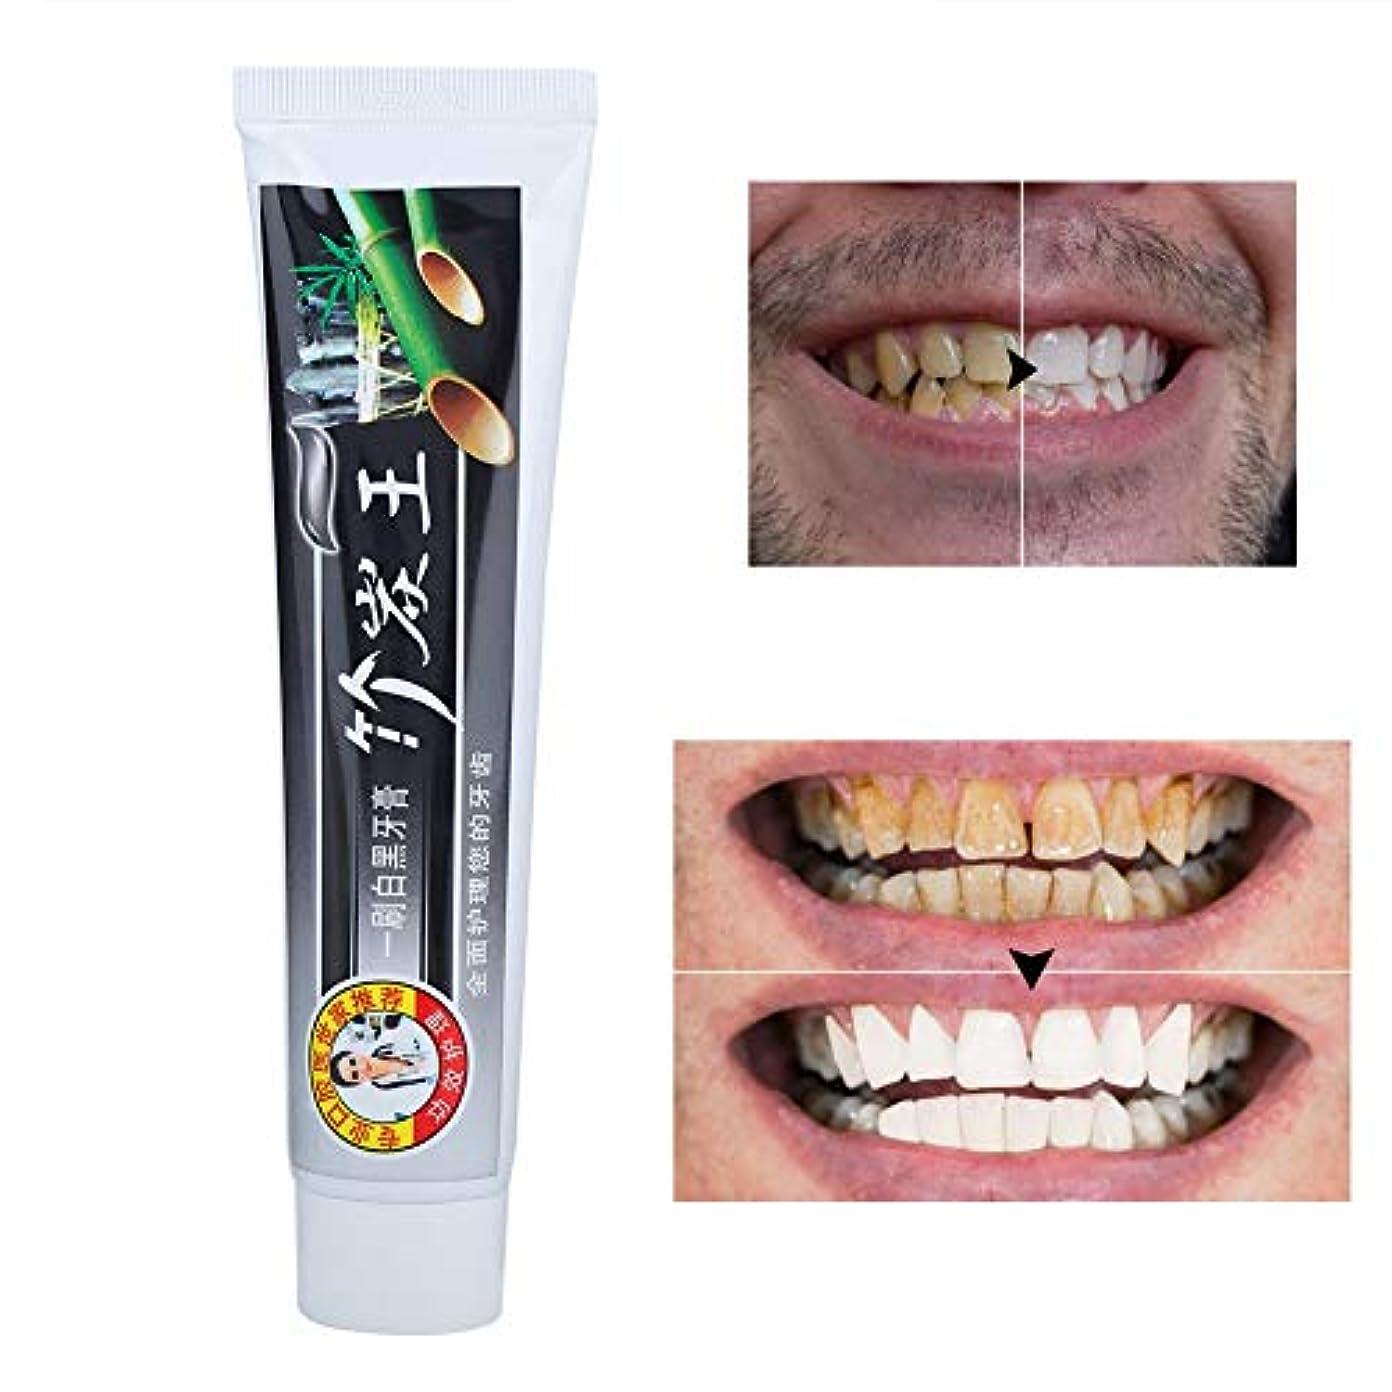 浸した粘液しょっぱい汚れを白くする竹炭の抗口臭160gは、口腔ケアの歯磨き粉を取り除きます